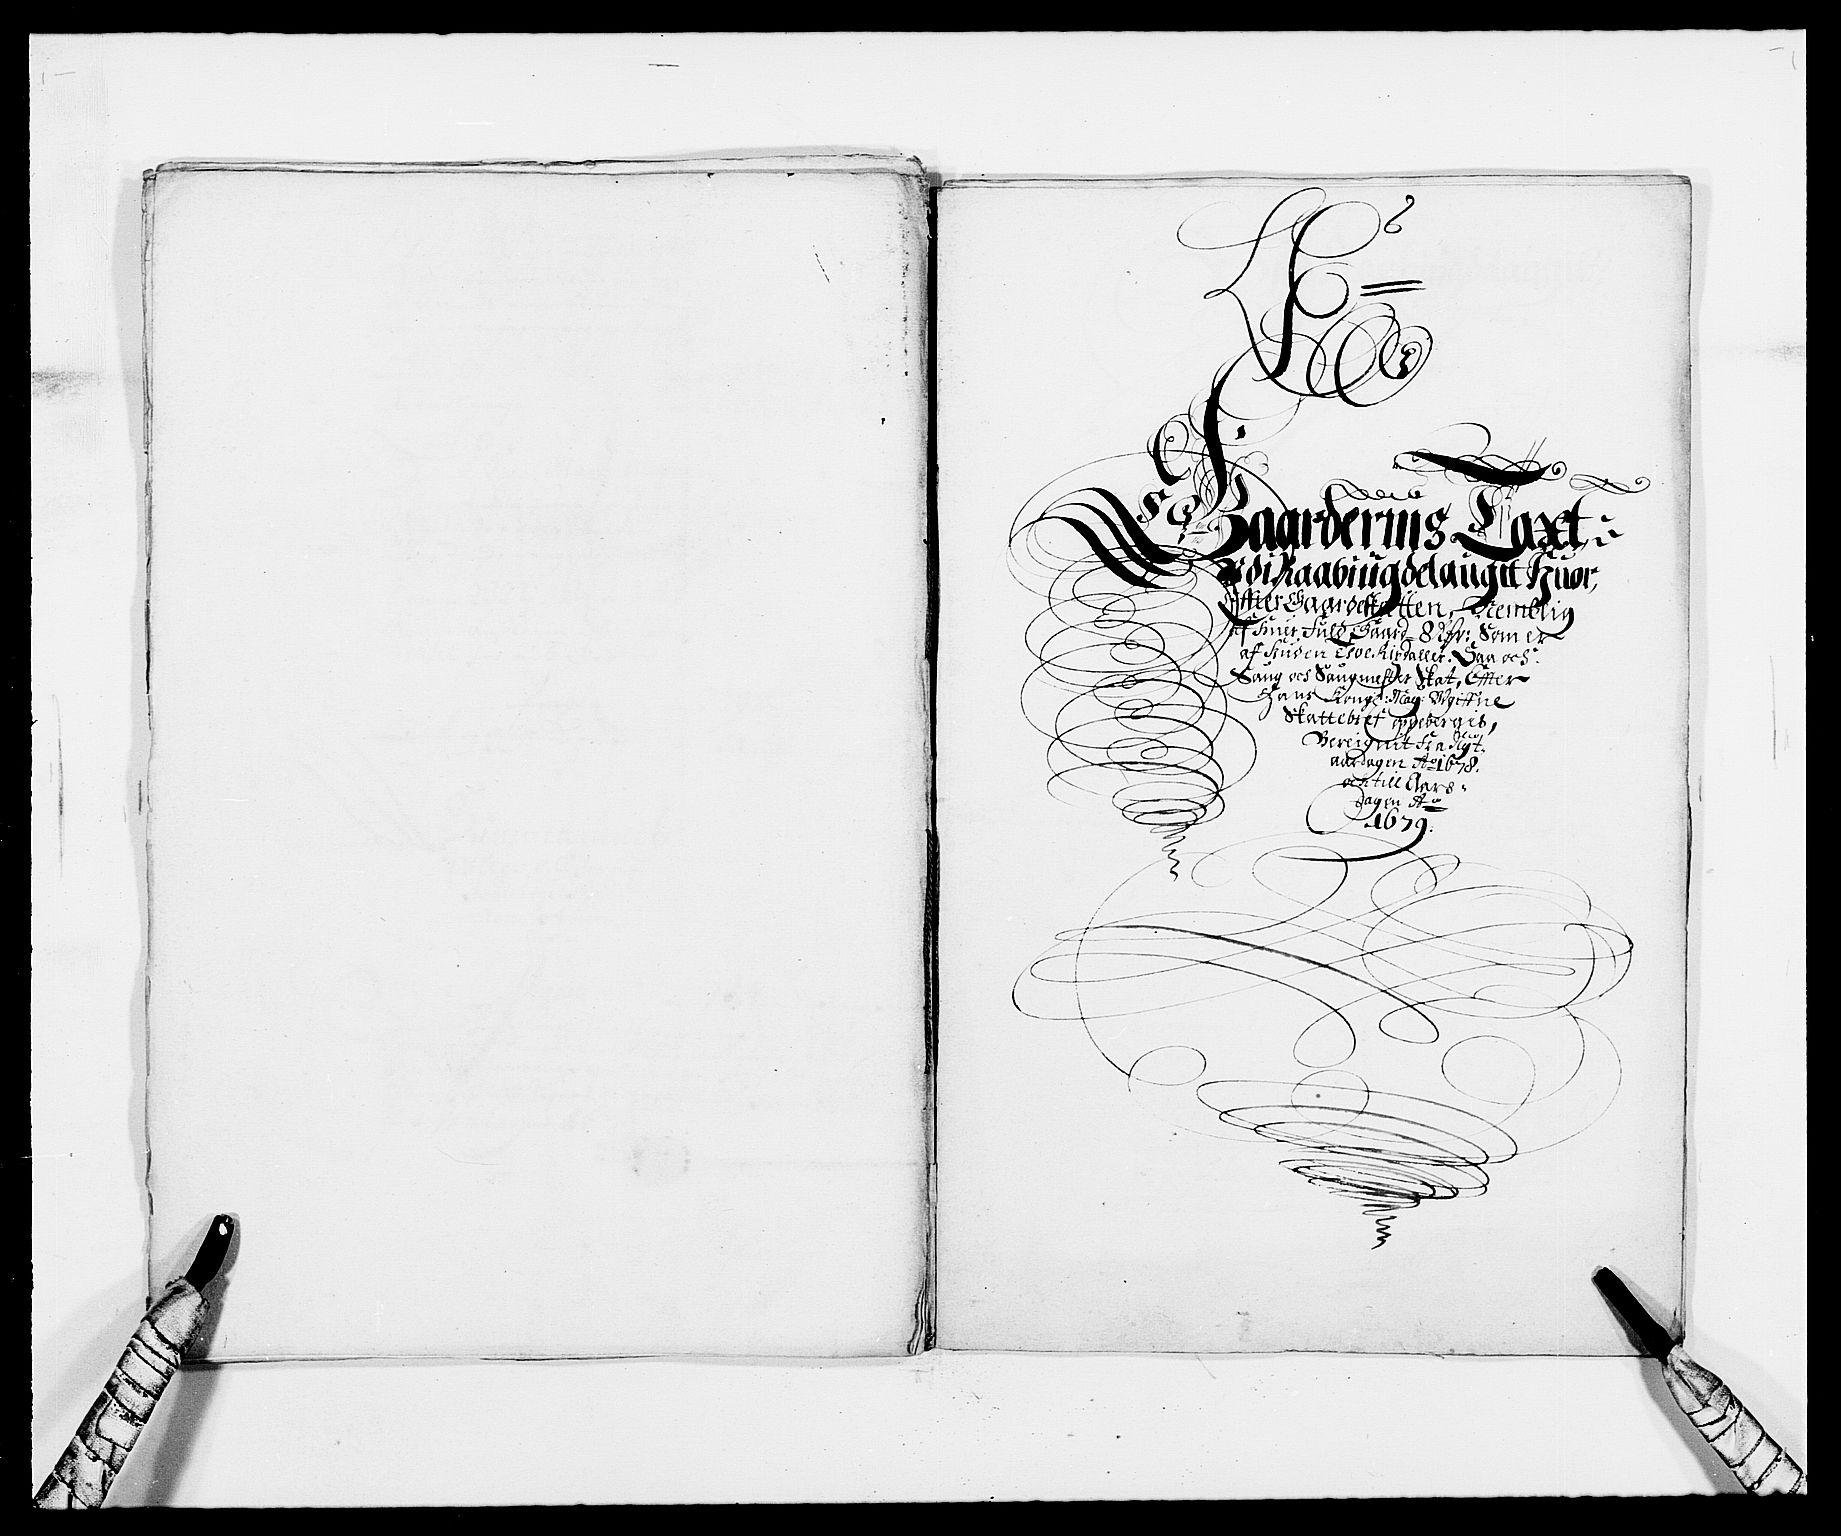 RA, Rentekammeret inntil 1814, Reviderte regnskaper, Fogderegnskap, R40/L2435: Fogderegnskap Råbyggelag, 1677-1678, s. 244